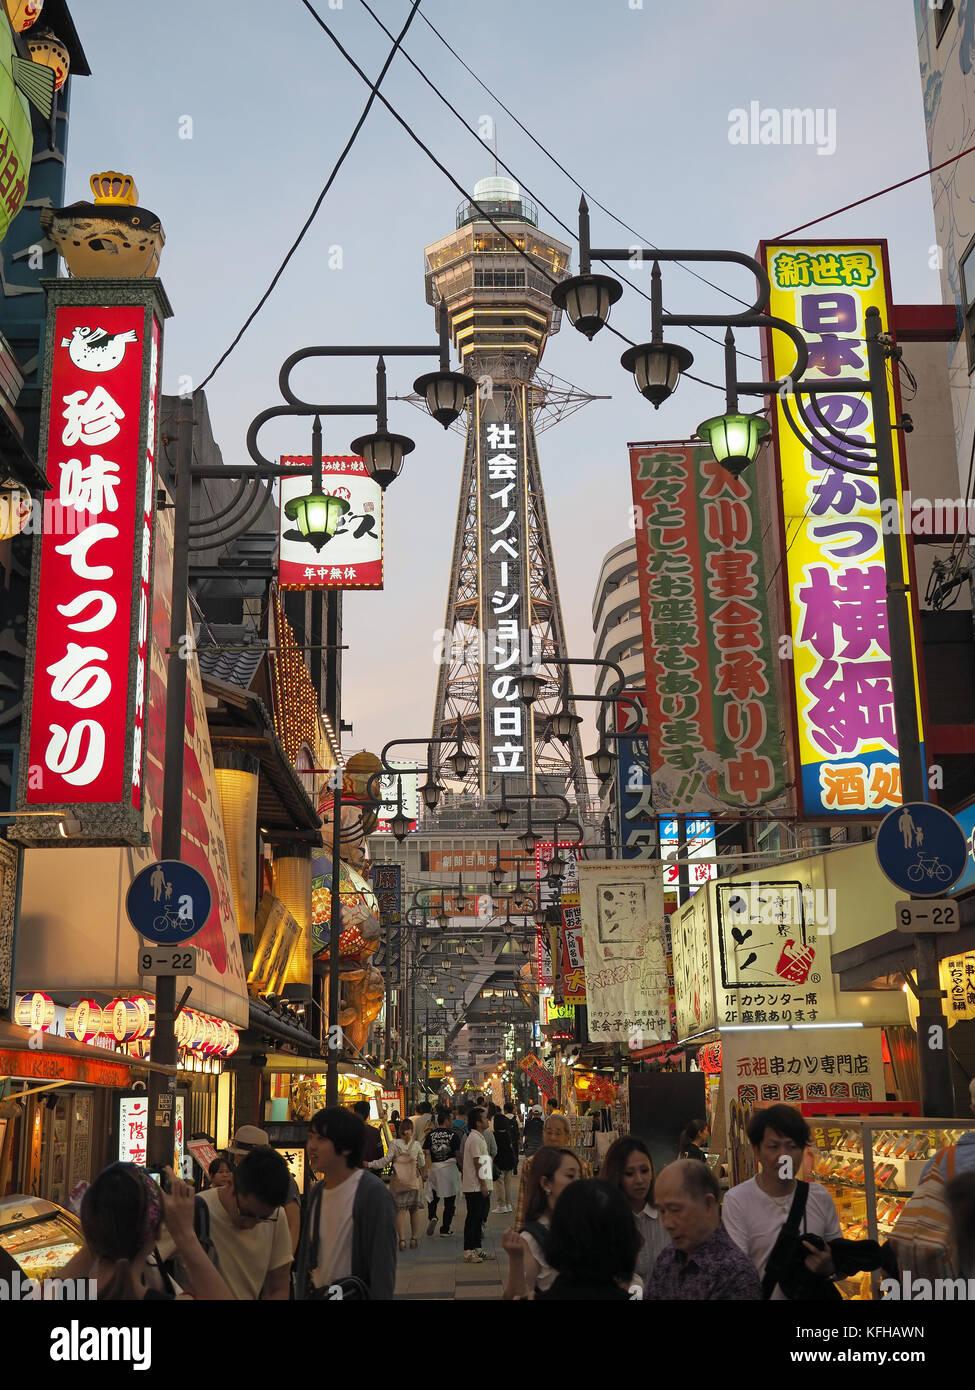 Un basso angolo di vista guardando verso l'alto la torre Tsutenkaku nel quartiere Shinsekai di Osaka in Giappone Immagini Stock